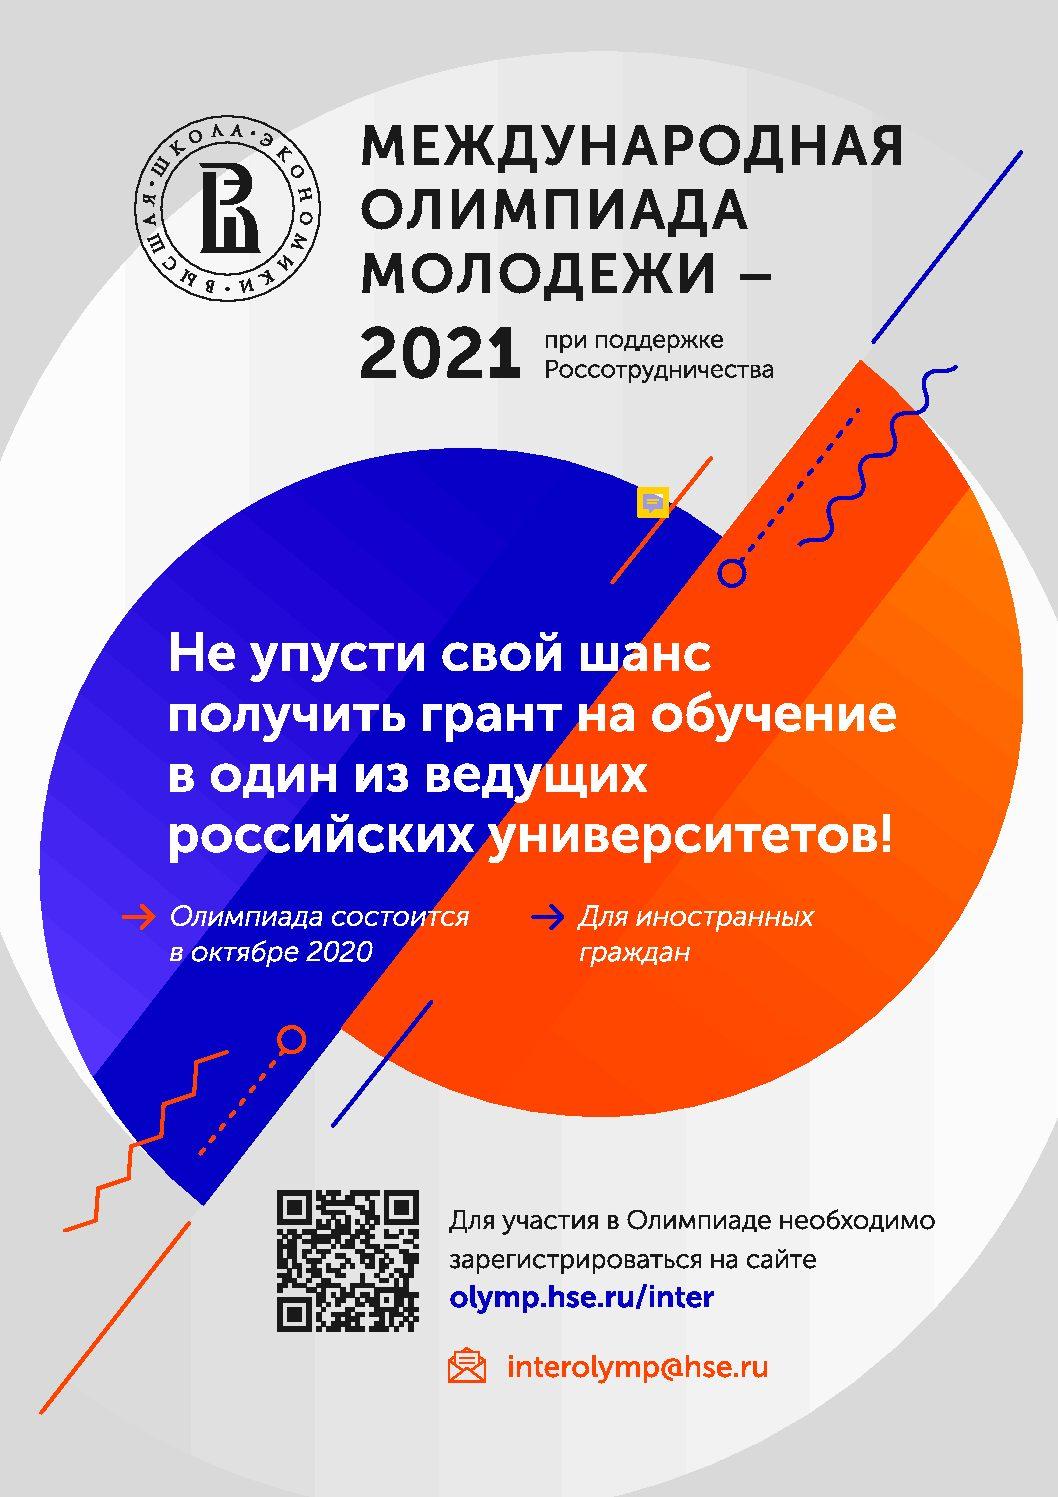 НИУ ВШЭ приглашает к участию в Международной олимпиаде молодёжи-2021 (МОМ-2021) иностранных граждан, планирующих поступление в бакалавриат